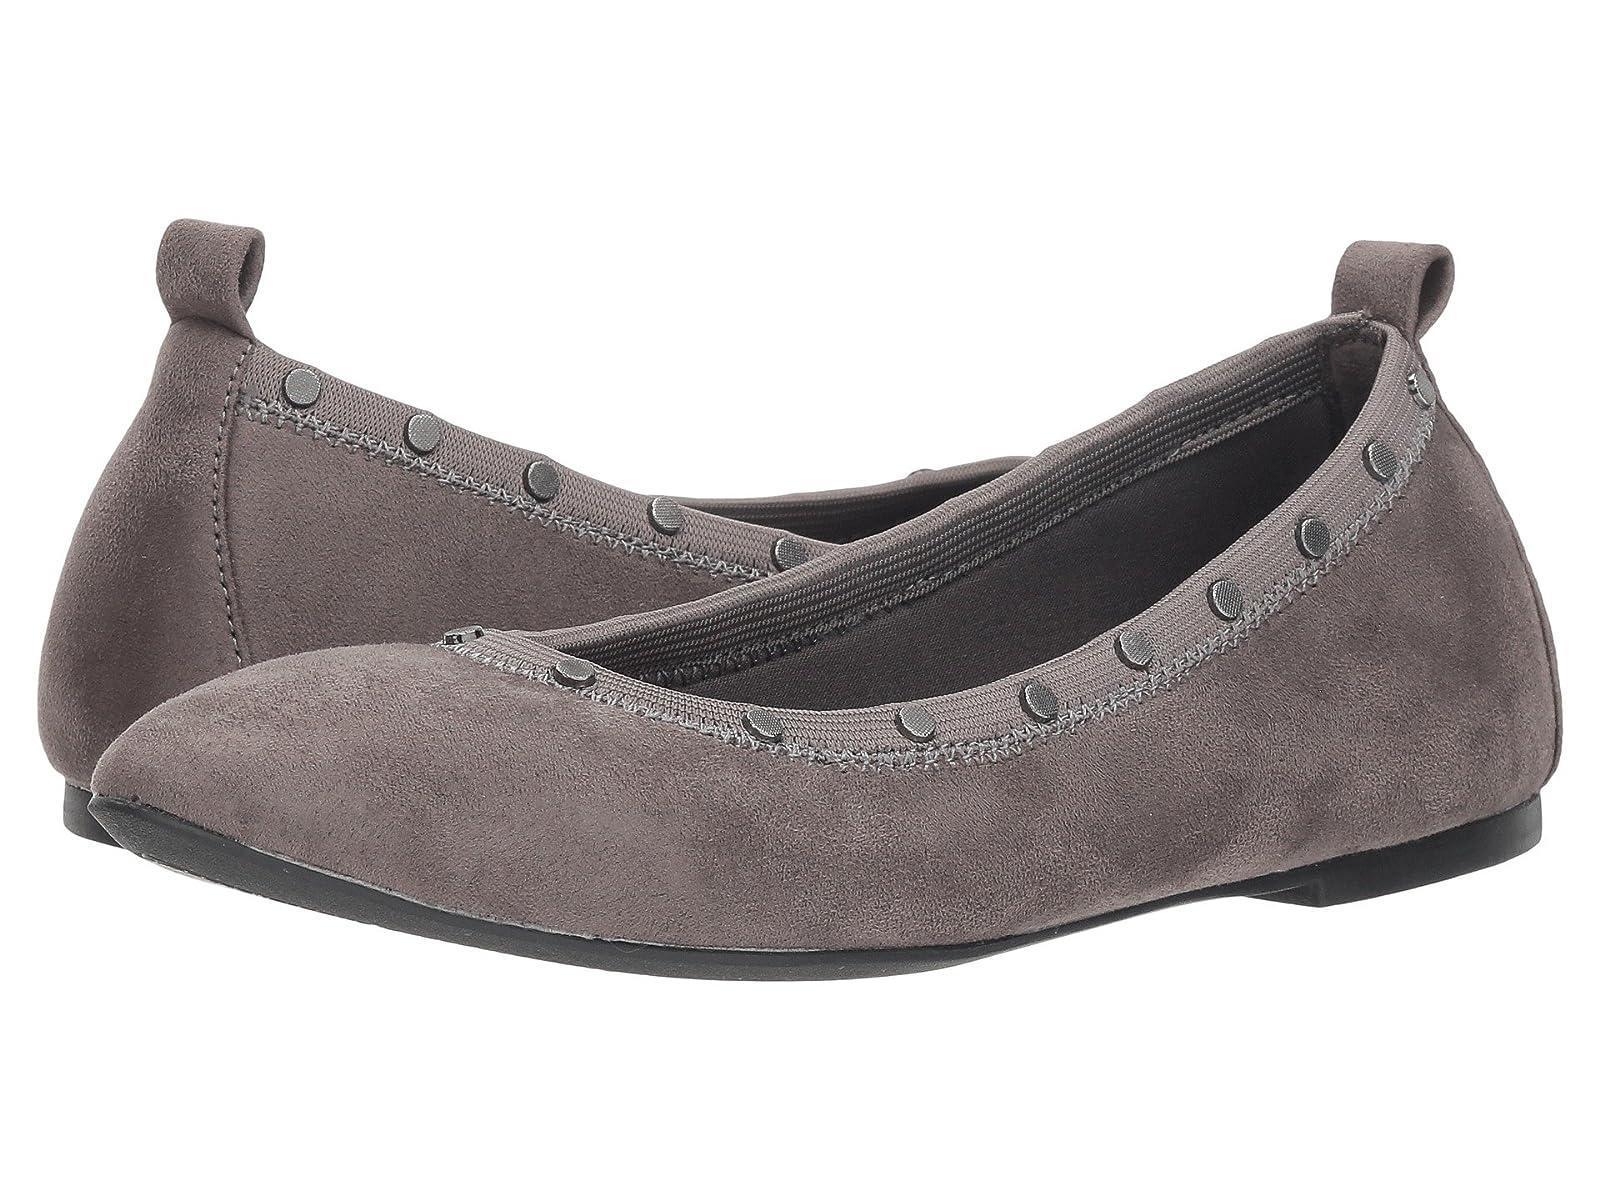 SKECHERS Cleo - RegentAtmospheric grades have affordable shoes